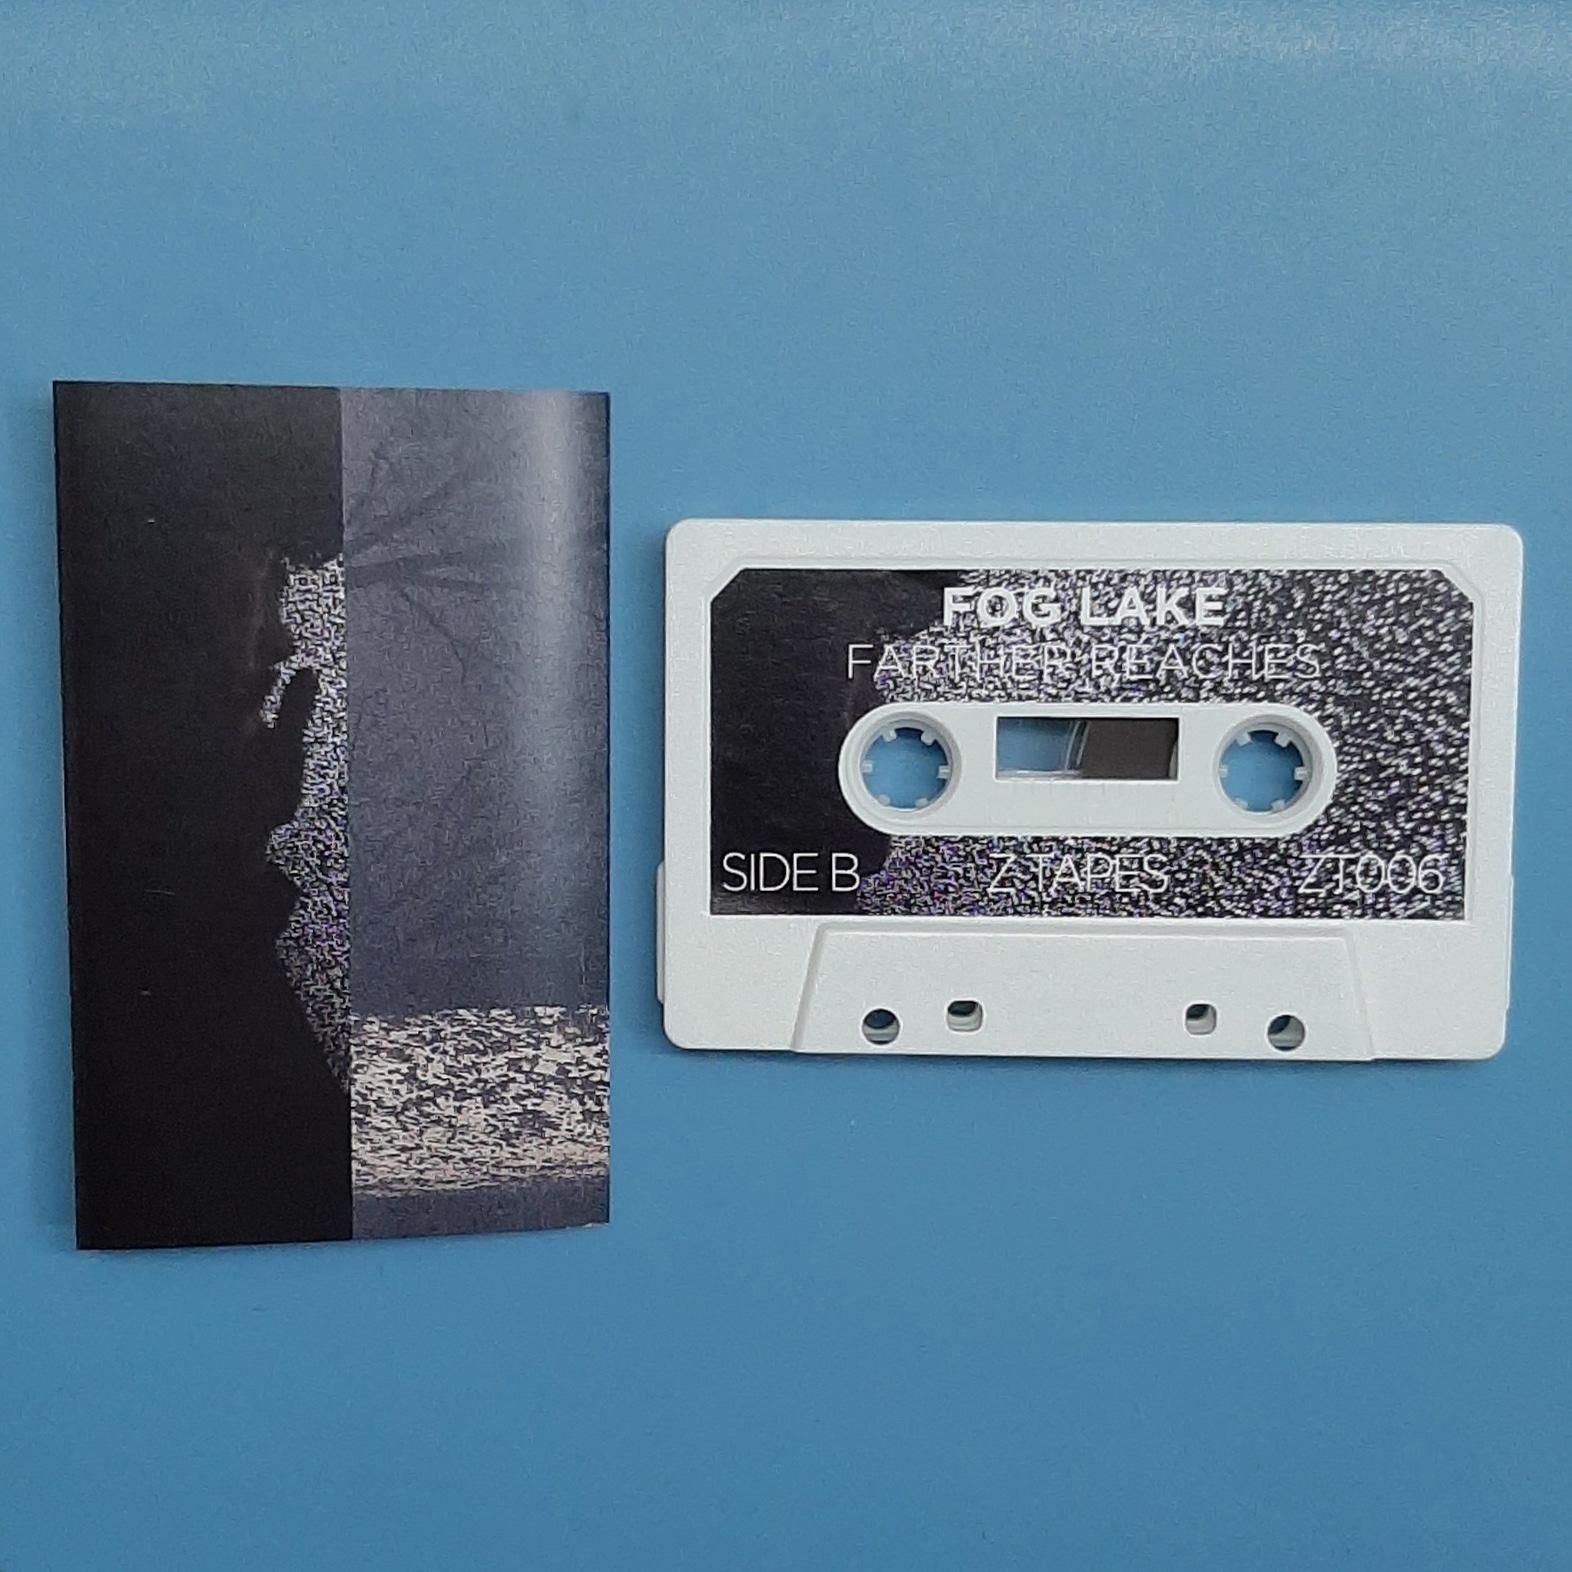 Fog Lake - Virgo Indigo / Farther Reaches (Z Tapes)